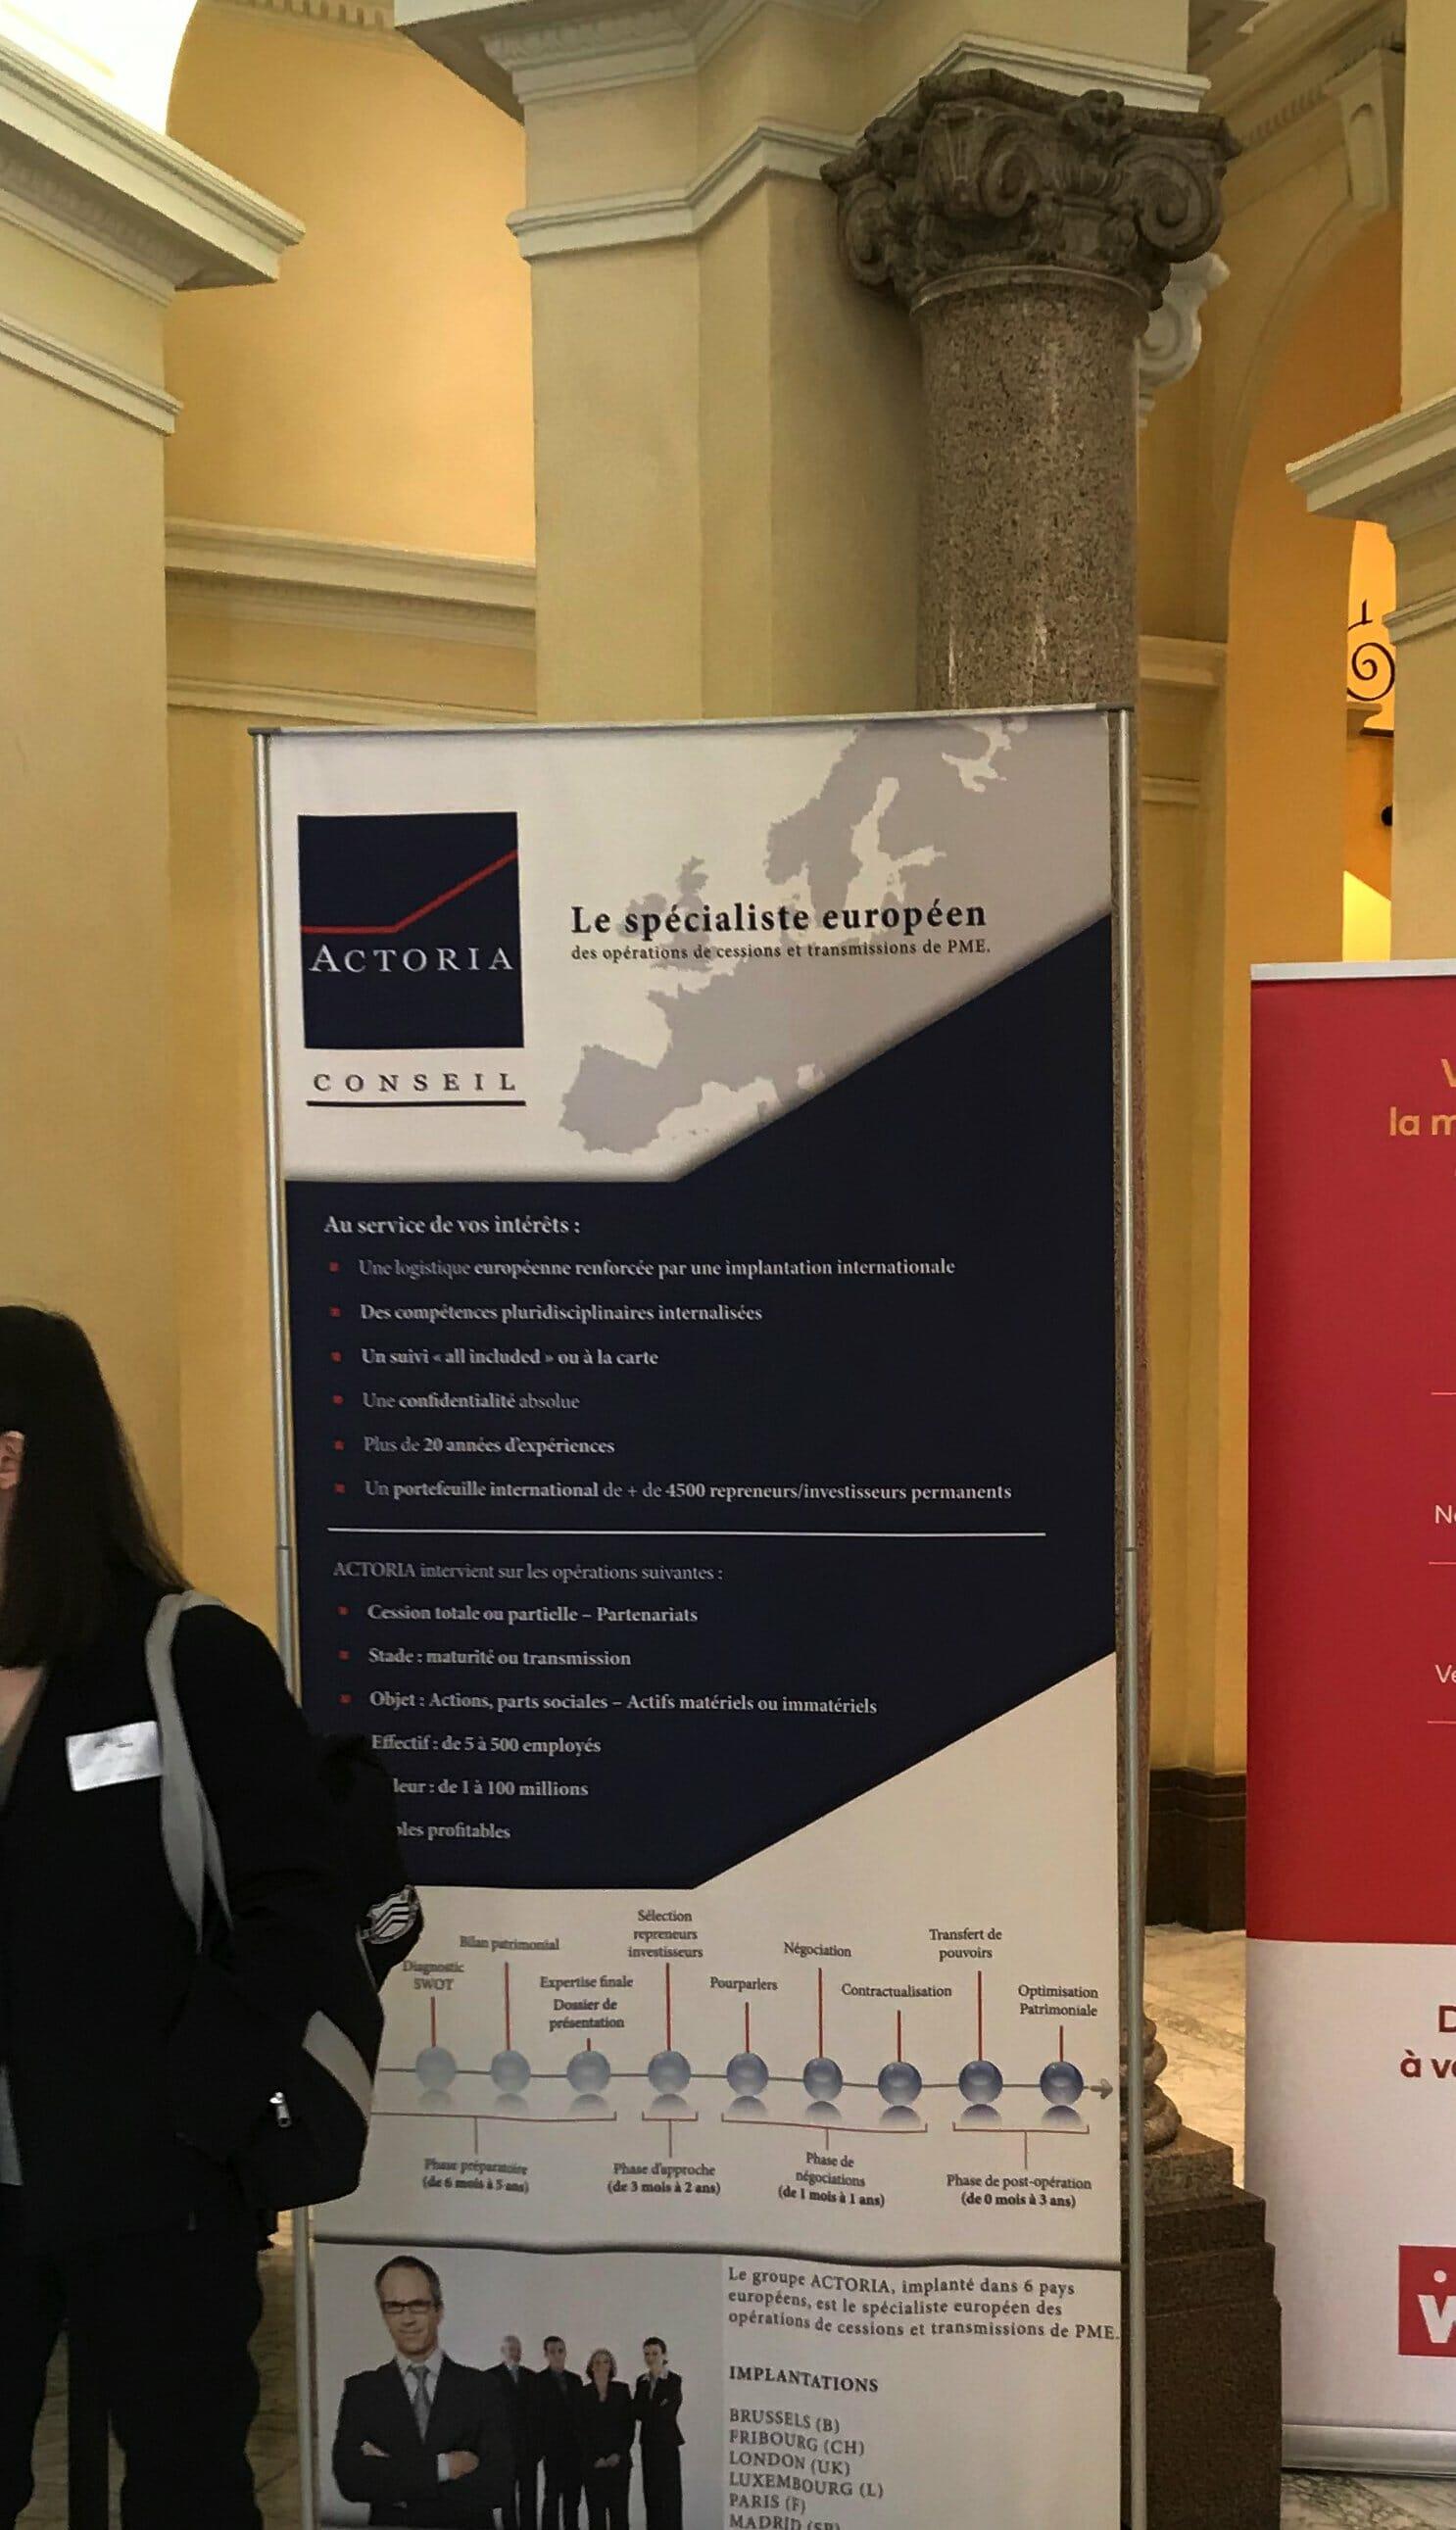 ACTORIA au salon de l'innovation BA06 (Nice) le 20 mars 2019